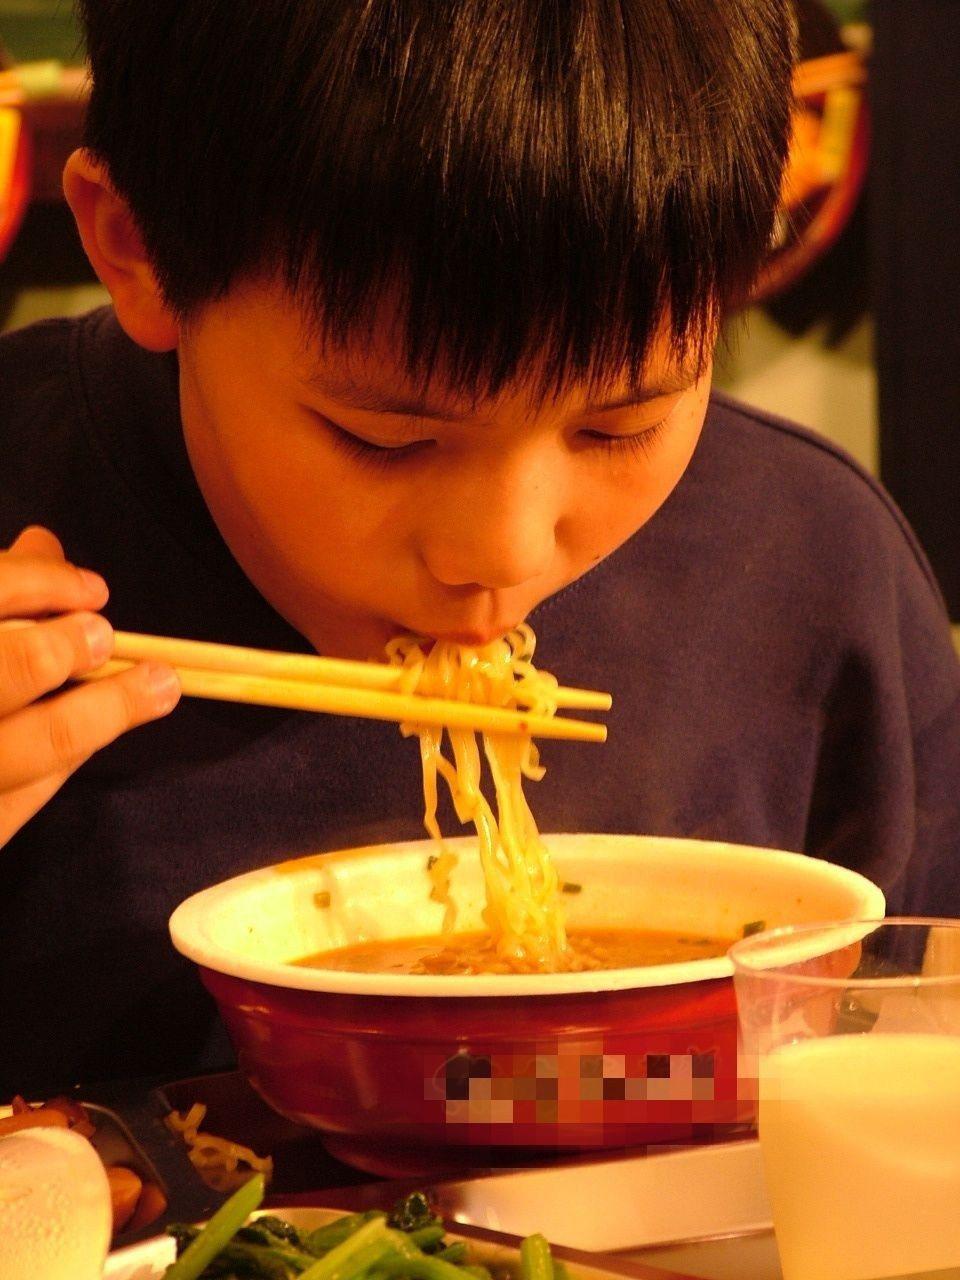 多數爸爸不重視飲食均衡,若媽媽不在家,常常用泡麵解決自己跟孩子的一餐。圖/聯合報...